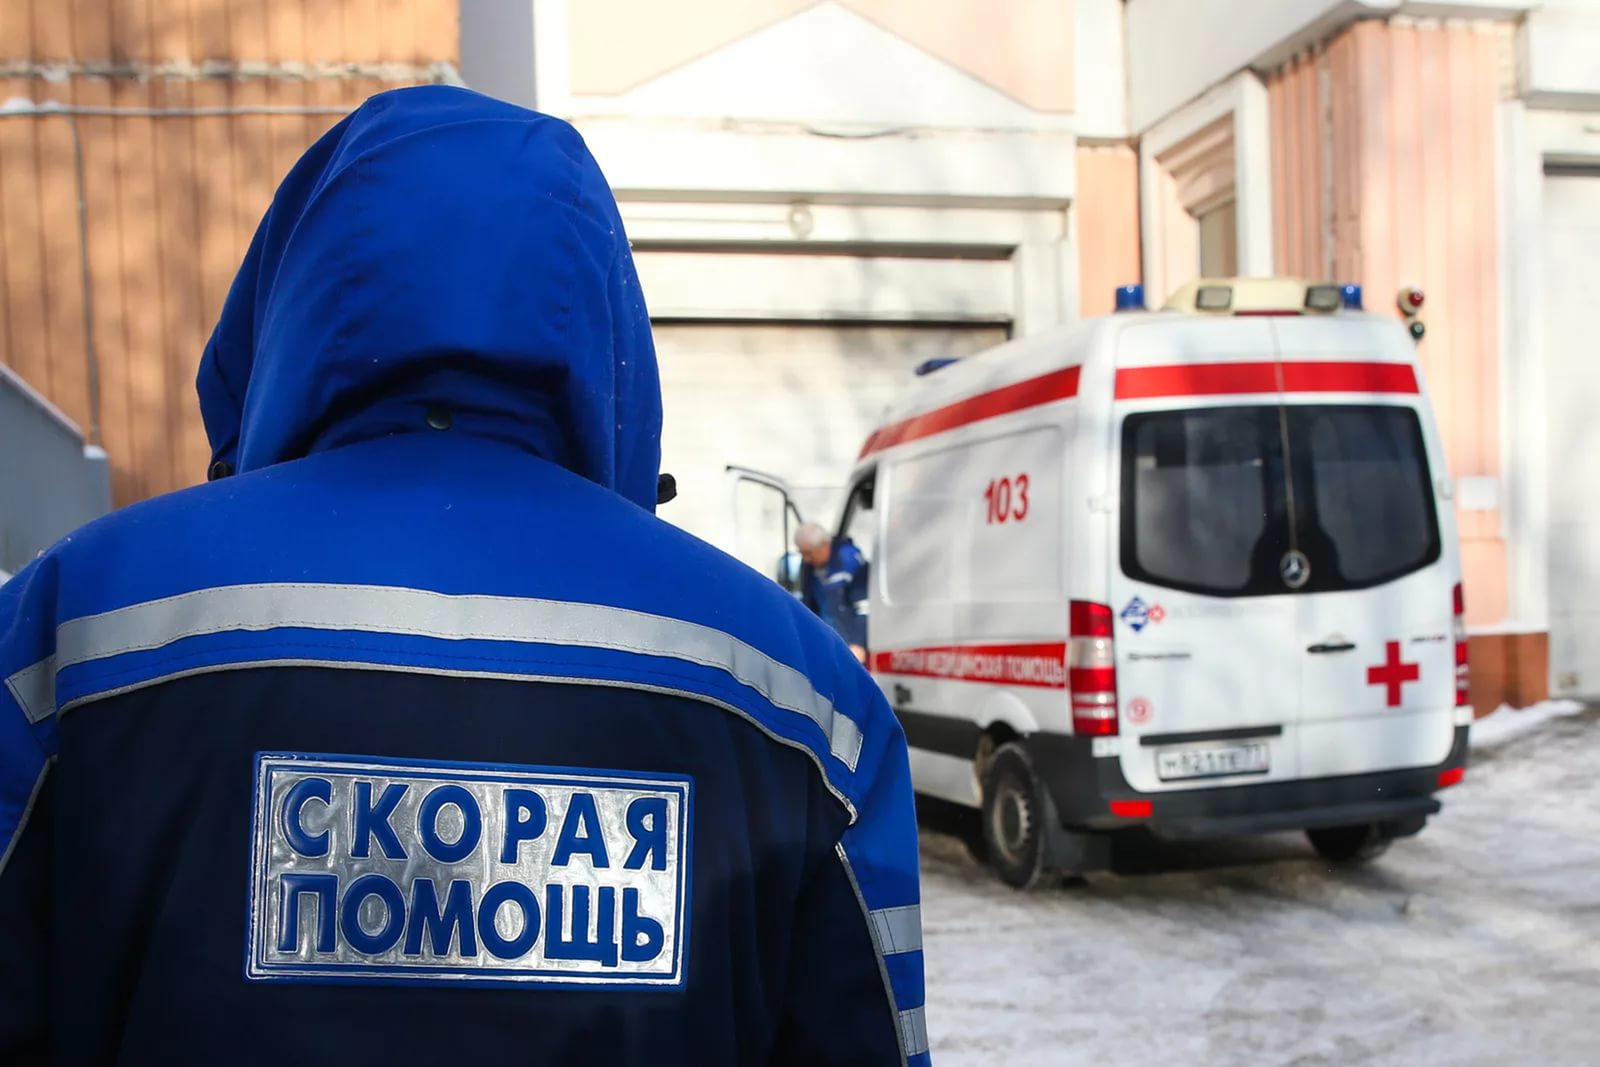 Минздрав предложил ужесточить наказание за препятствование проезду скорой